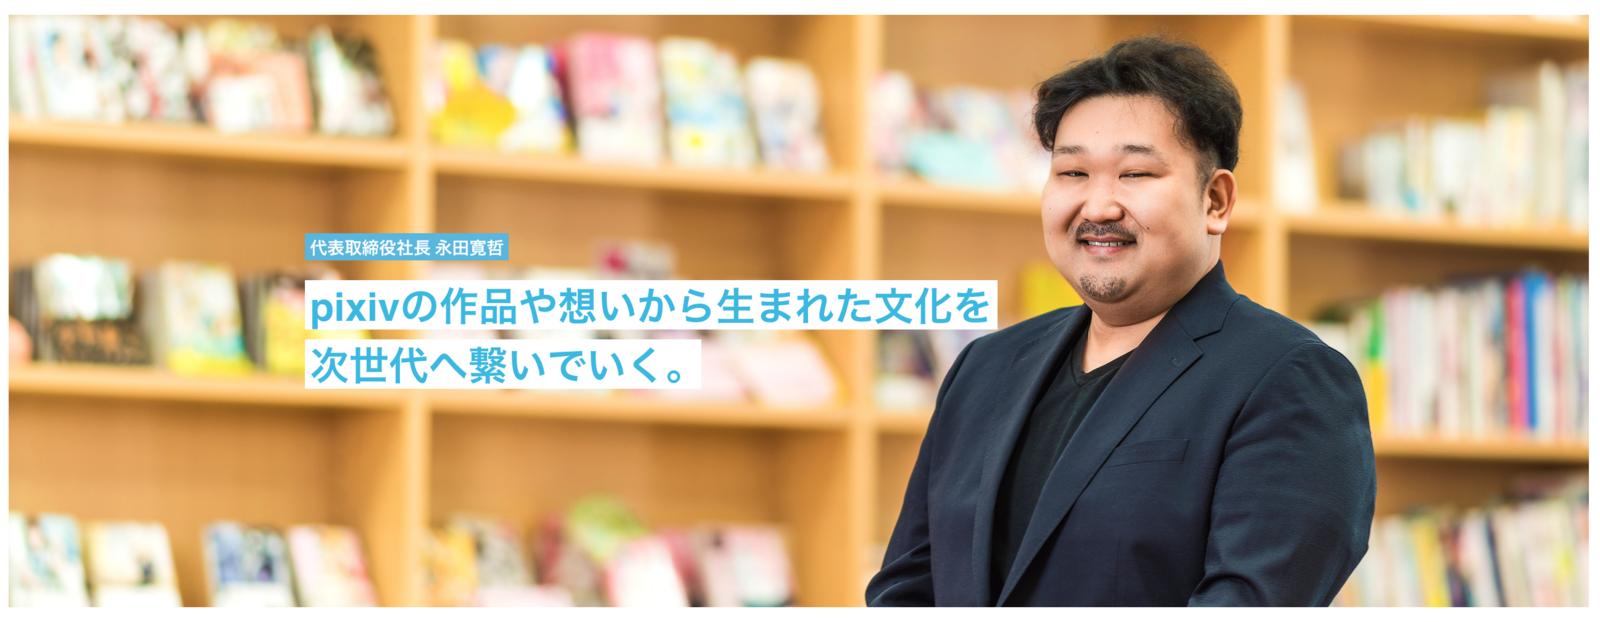 アイドル「虹コン」元メンバーがセクハラ被害を証言 ピクシブの永田寛哲社長を提訴